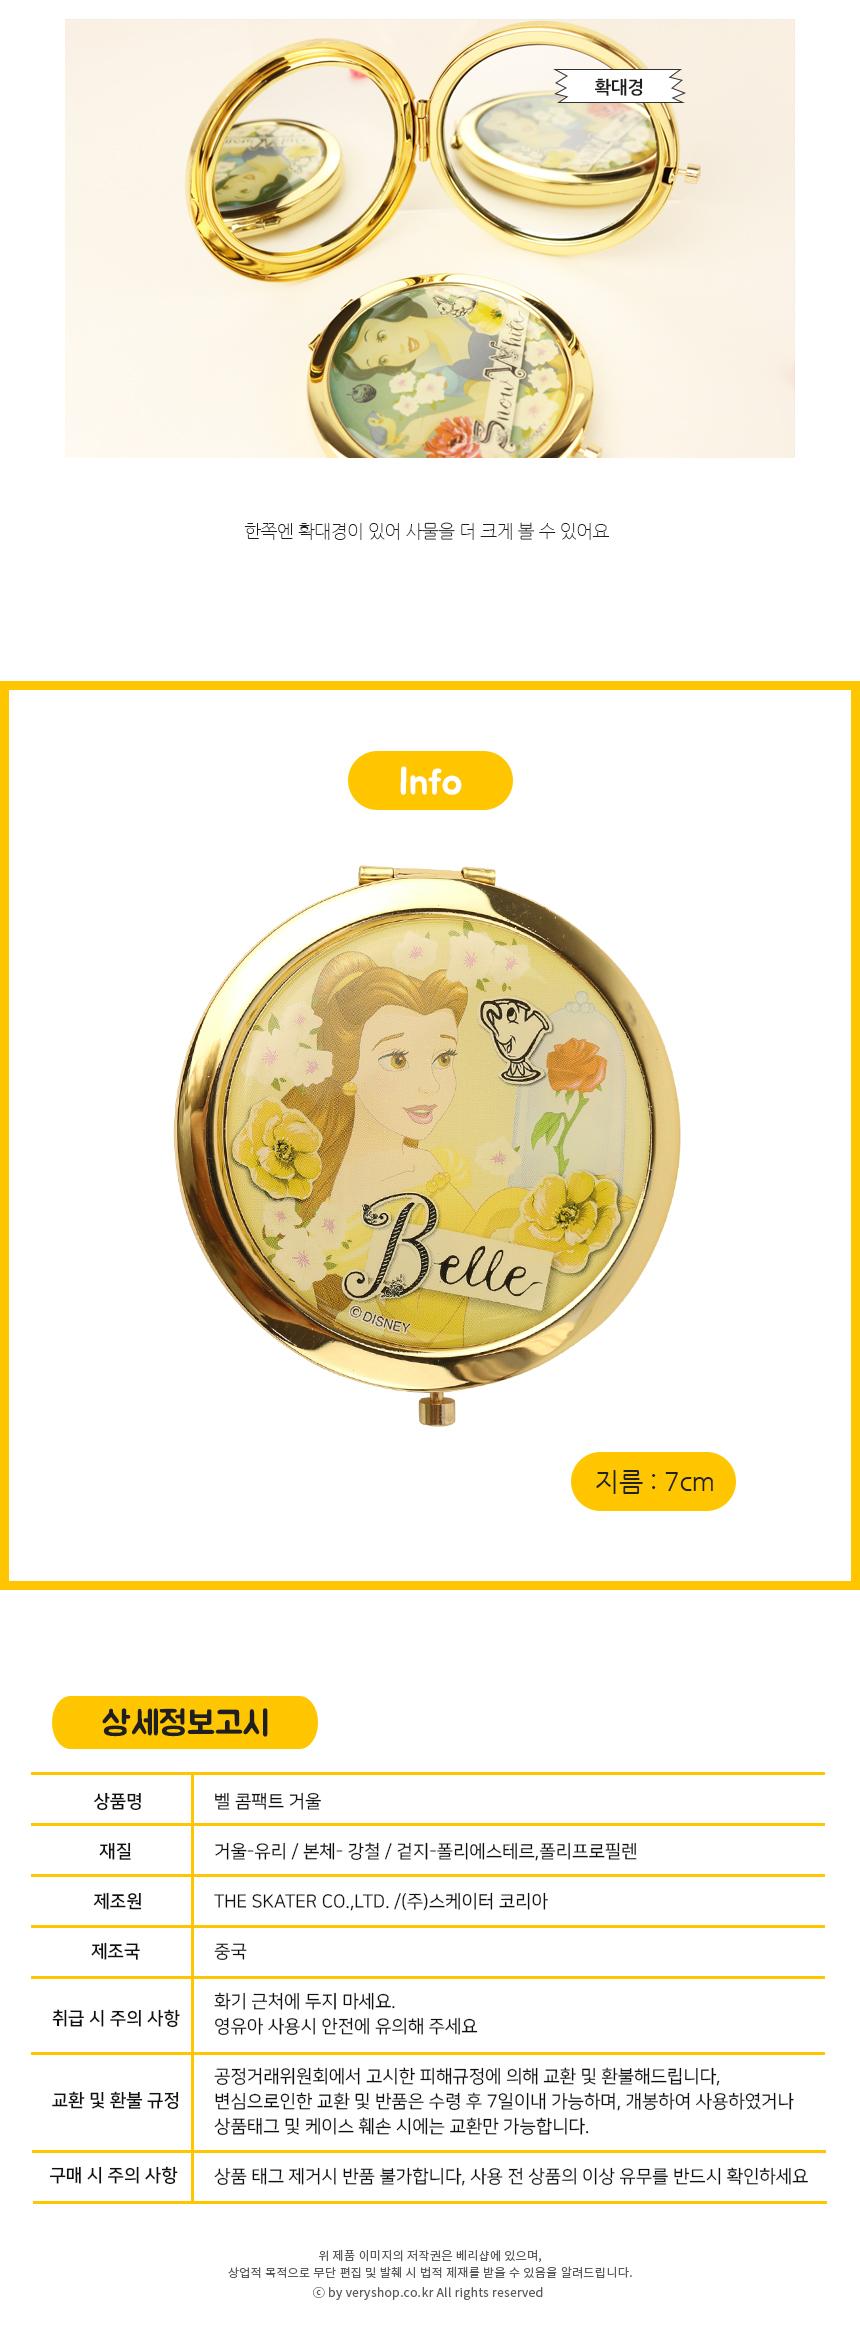 미녀와야수 벨 콤팩트 거울 - 스케이터, 13,000원, 도구, 거울